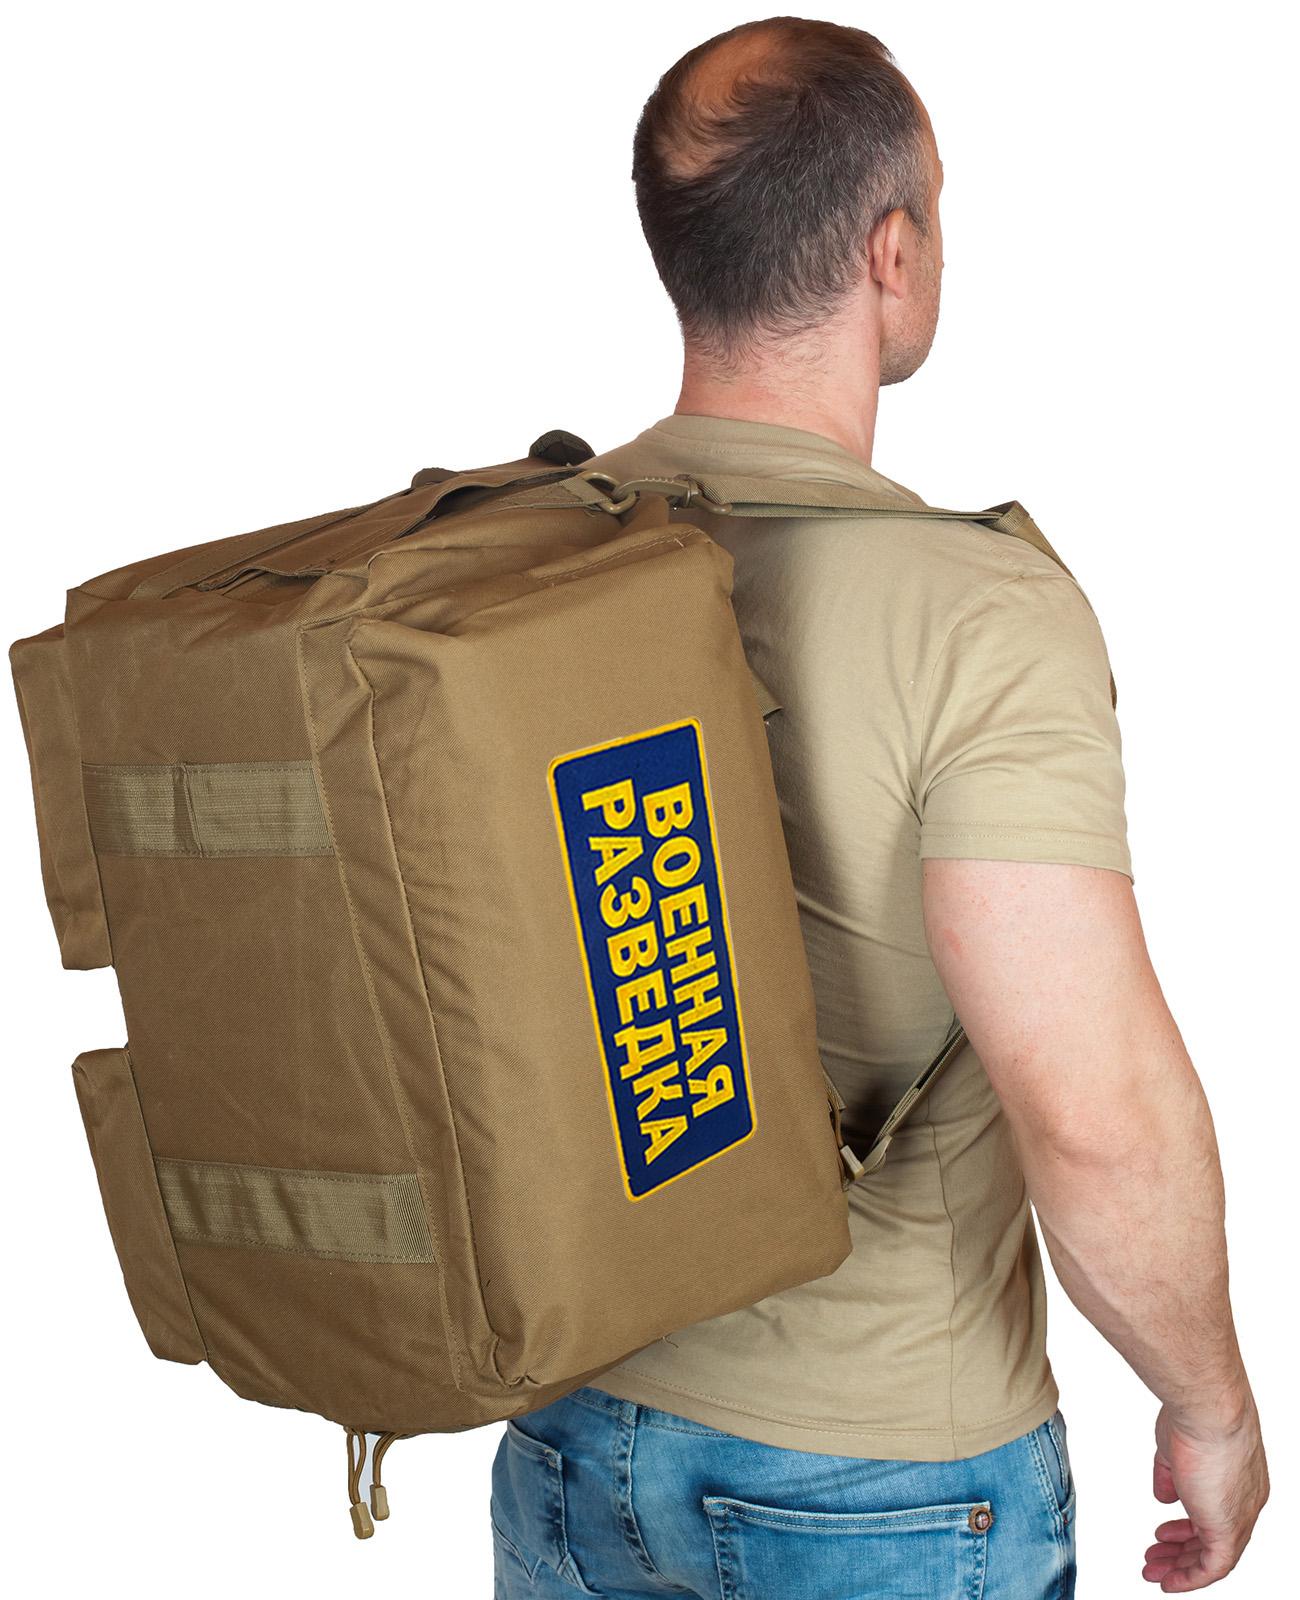 Купить недорогой, но качественный рюкзак военной разведки